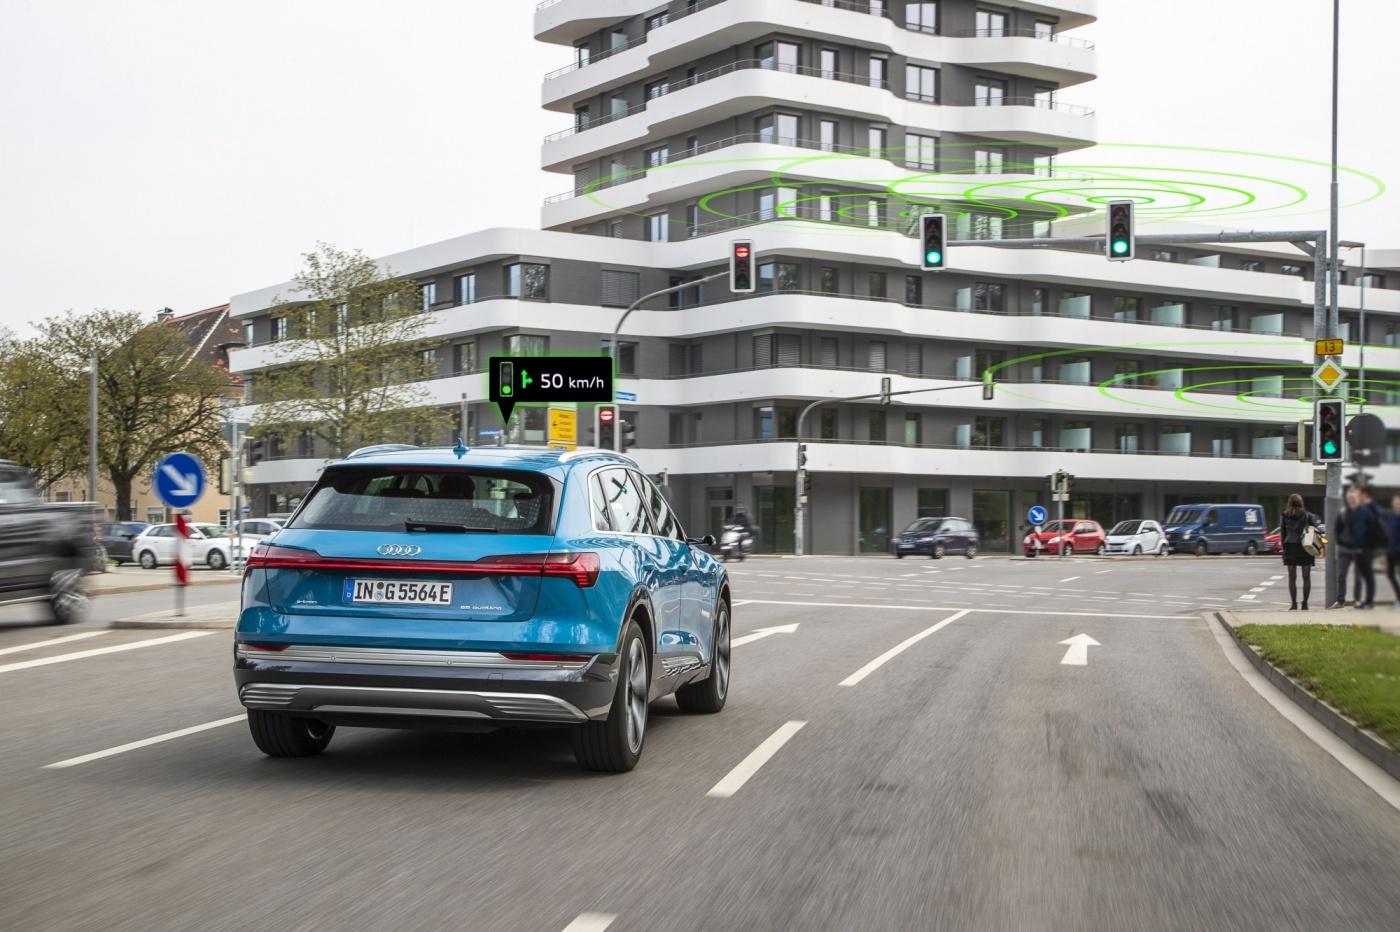 告訴你紅綠燈何時亮起!奧迪7月擴大推動車輛與交通號誌互聯